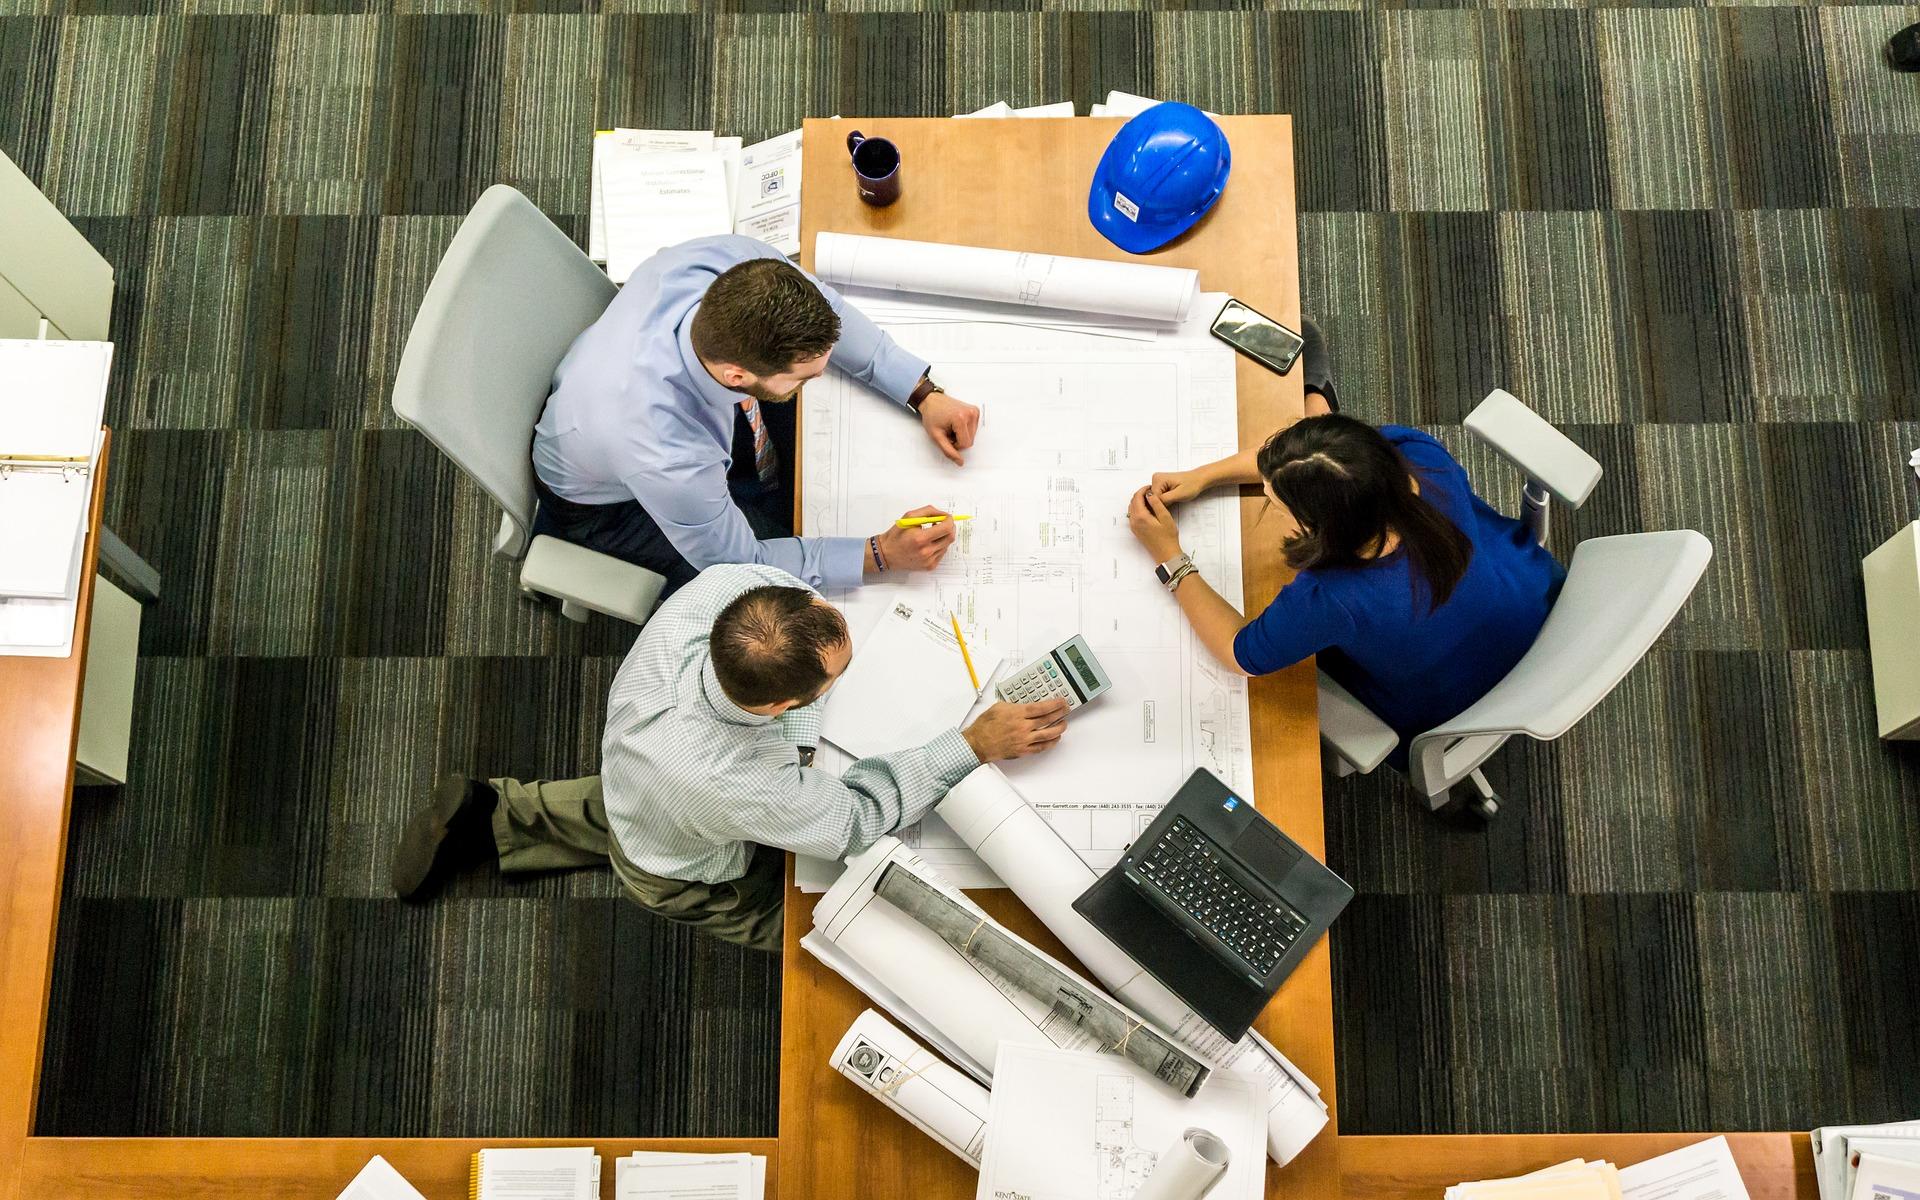 Szkolenie wstępne bhp online dla pracowników inżynieryjno - technicznych